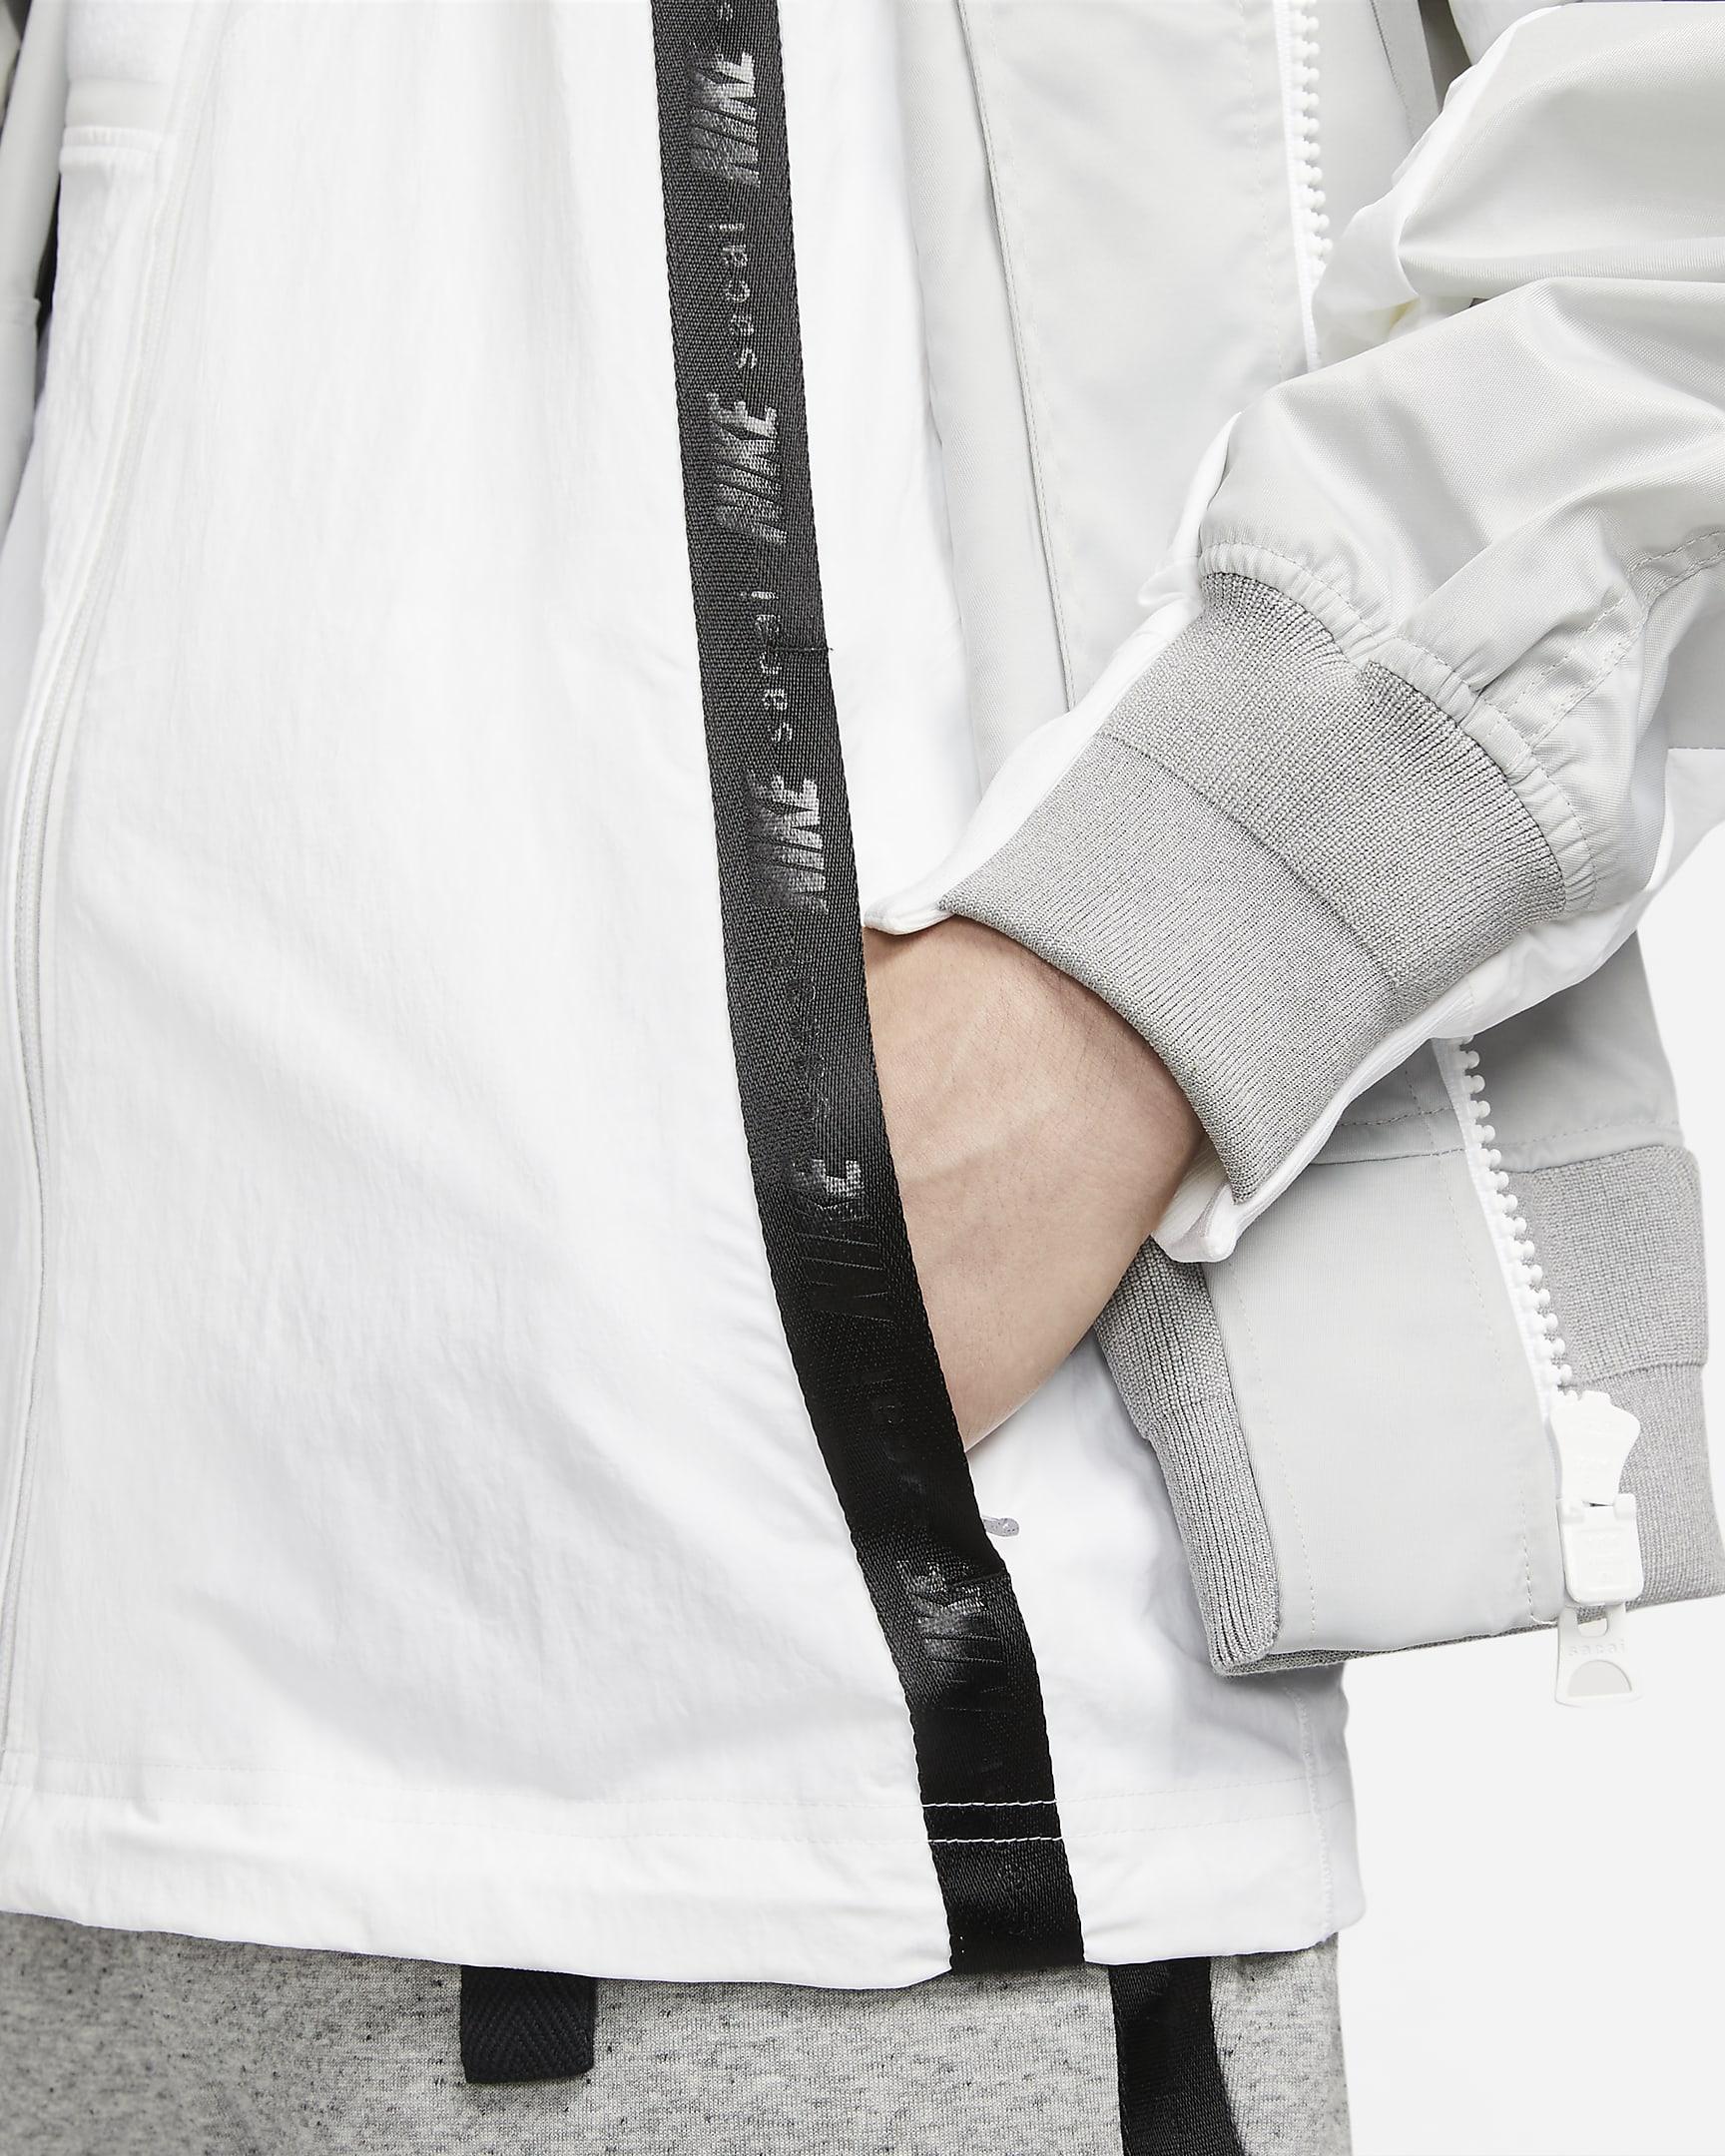 sacai-mens-jacket-Sm6C4c-8.png